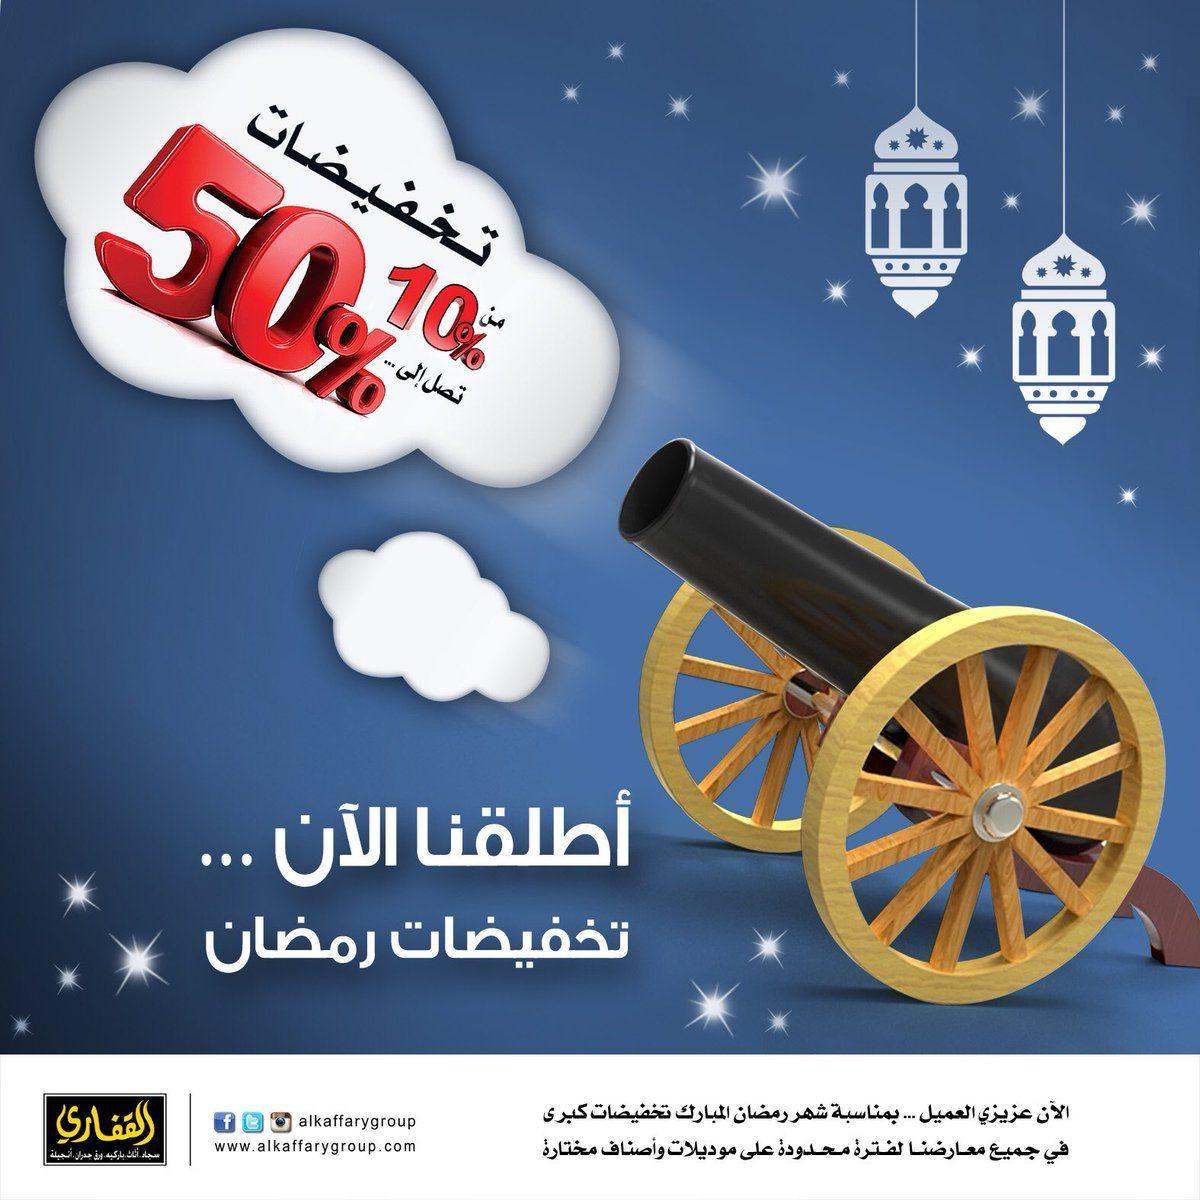 عروض اليوم عروض السعودية 10 Things Convenience Store Products Convenience Store